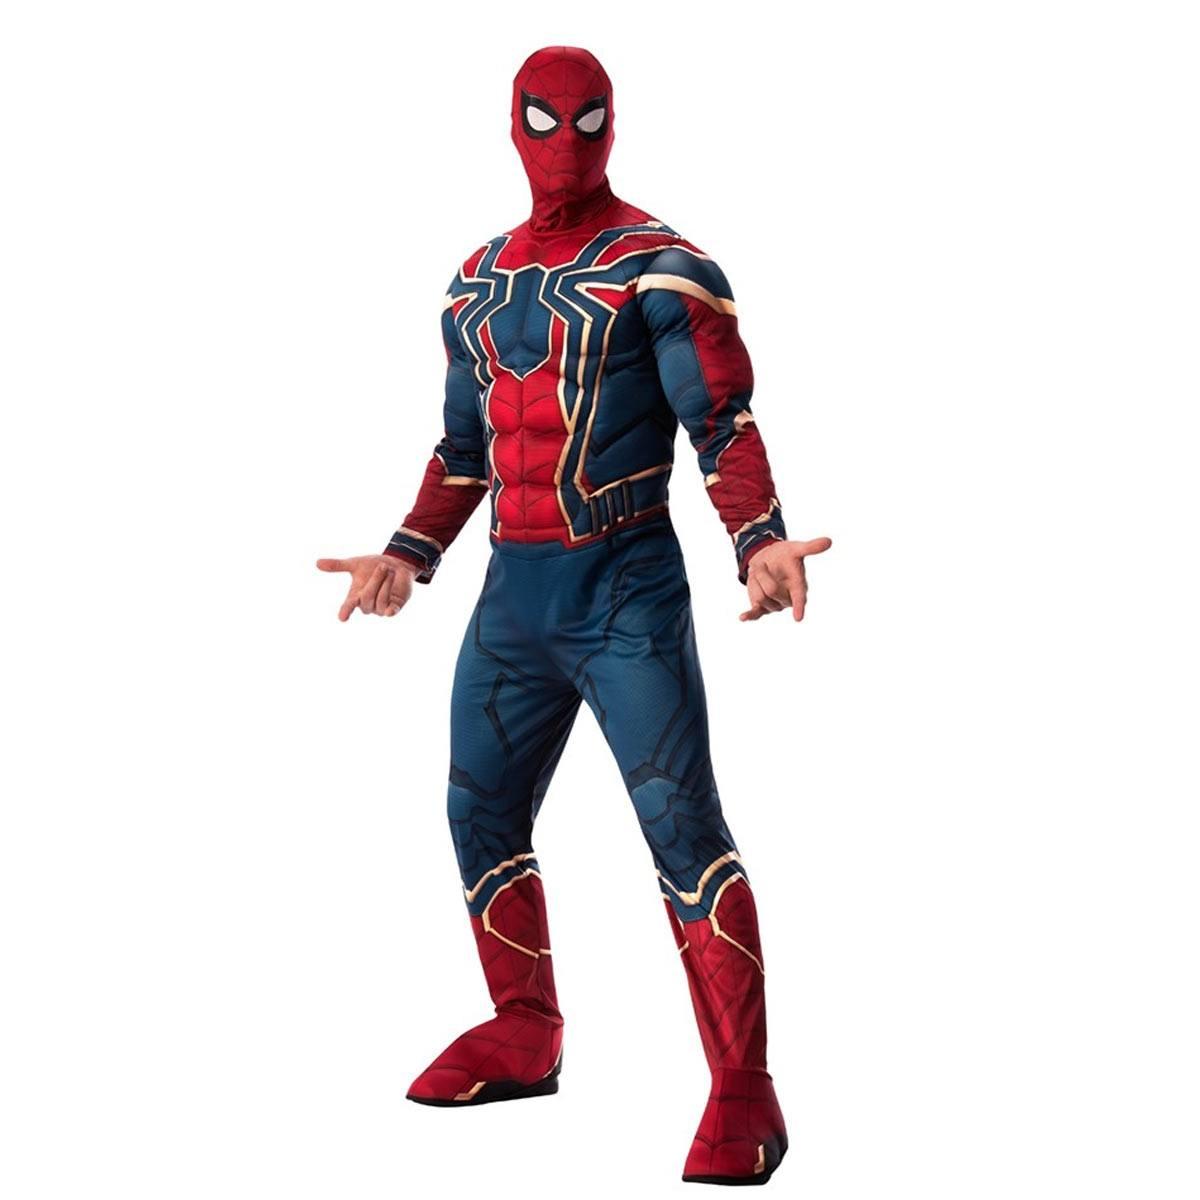 スパイダーマン 大人用 コスプレ スーツ コスプレ コスチューム